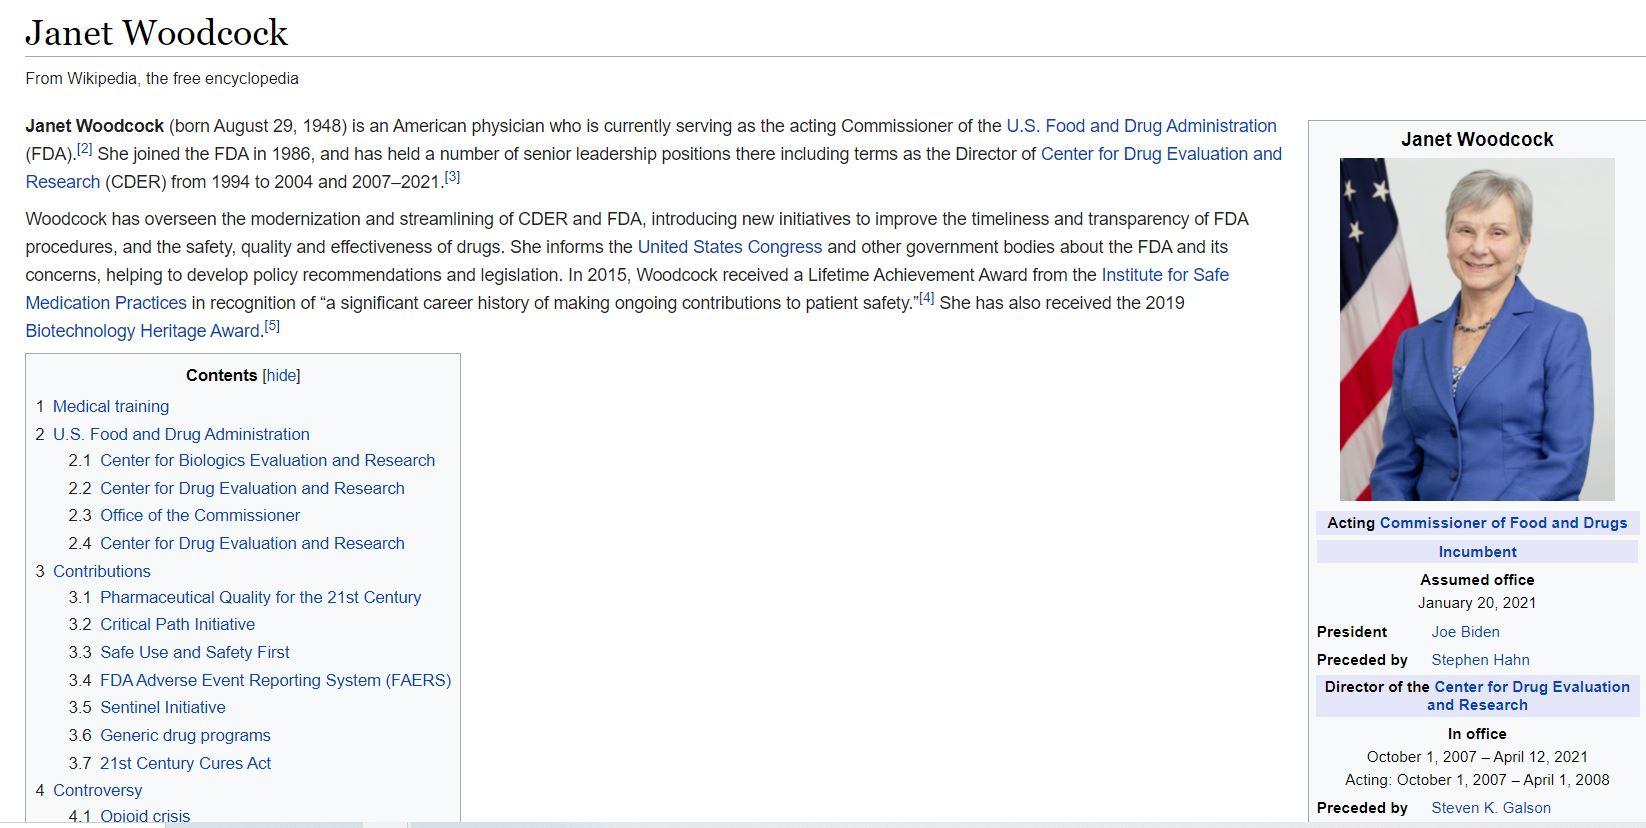 التعديل الذي تم على الويكيبيديا لحذف جرائم جانيت وودكوك